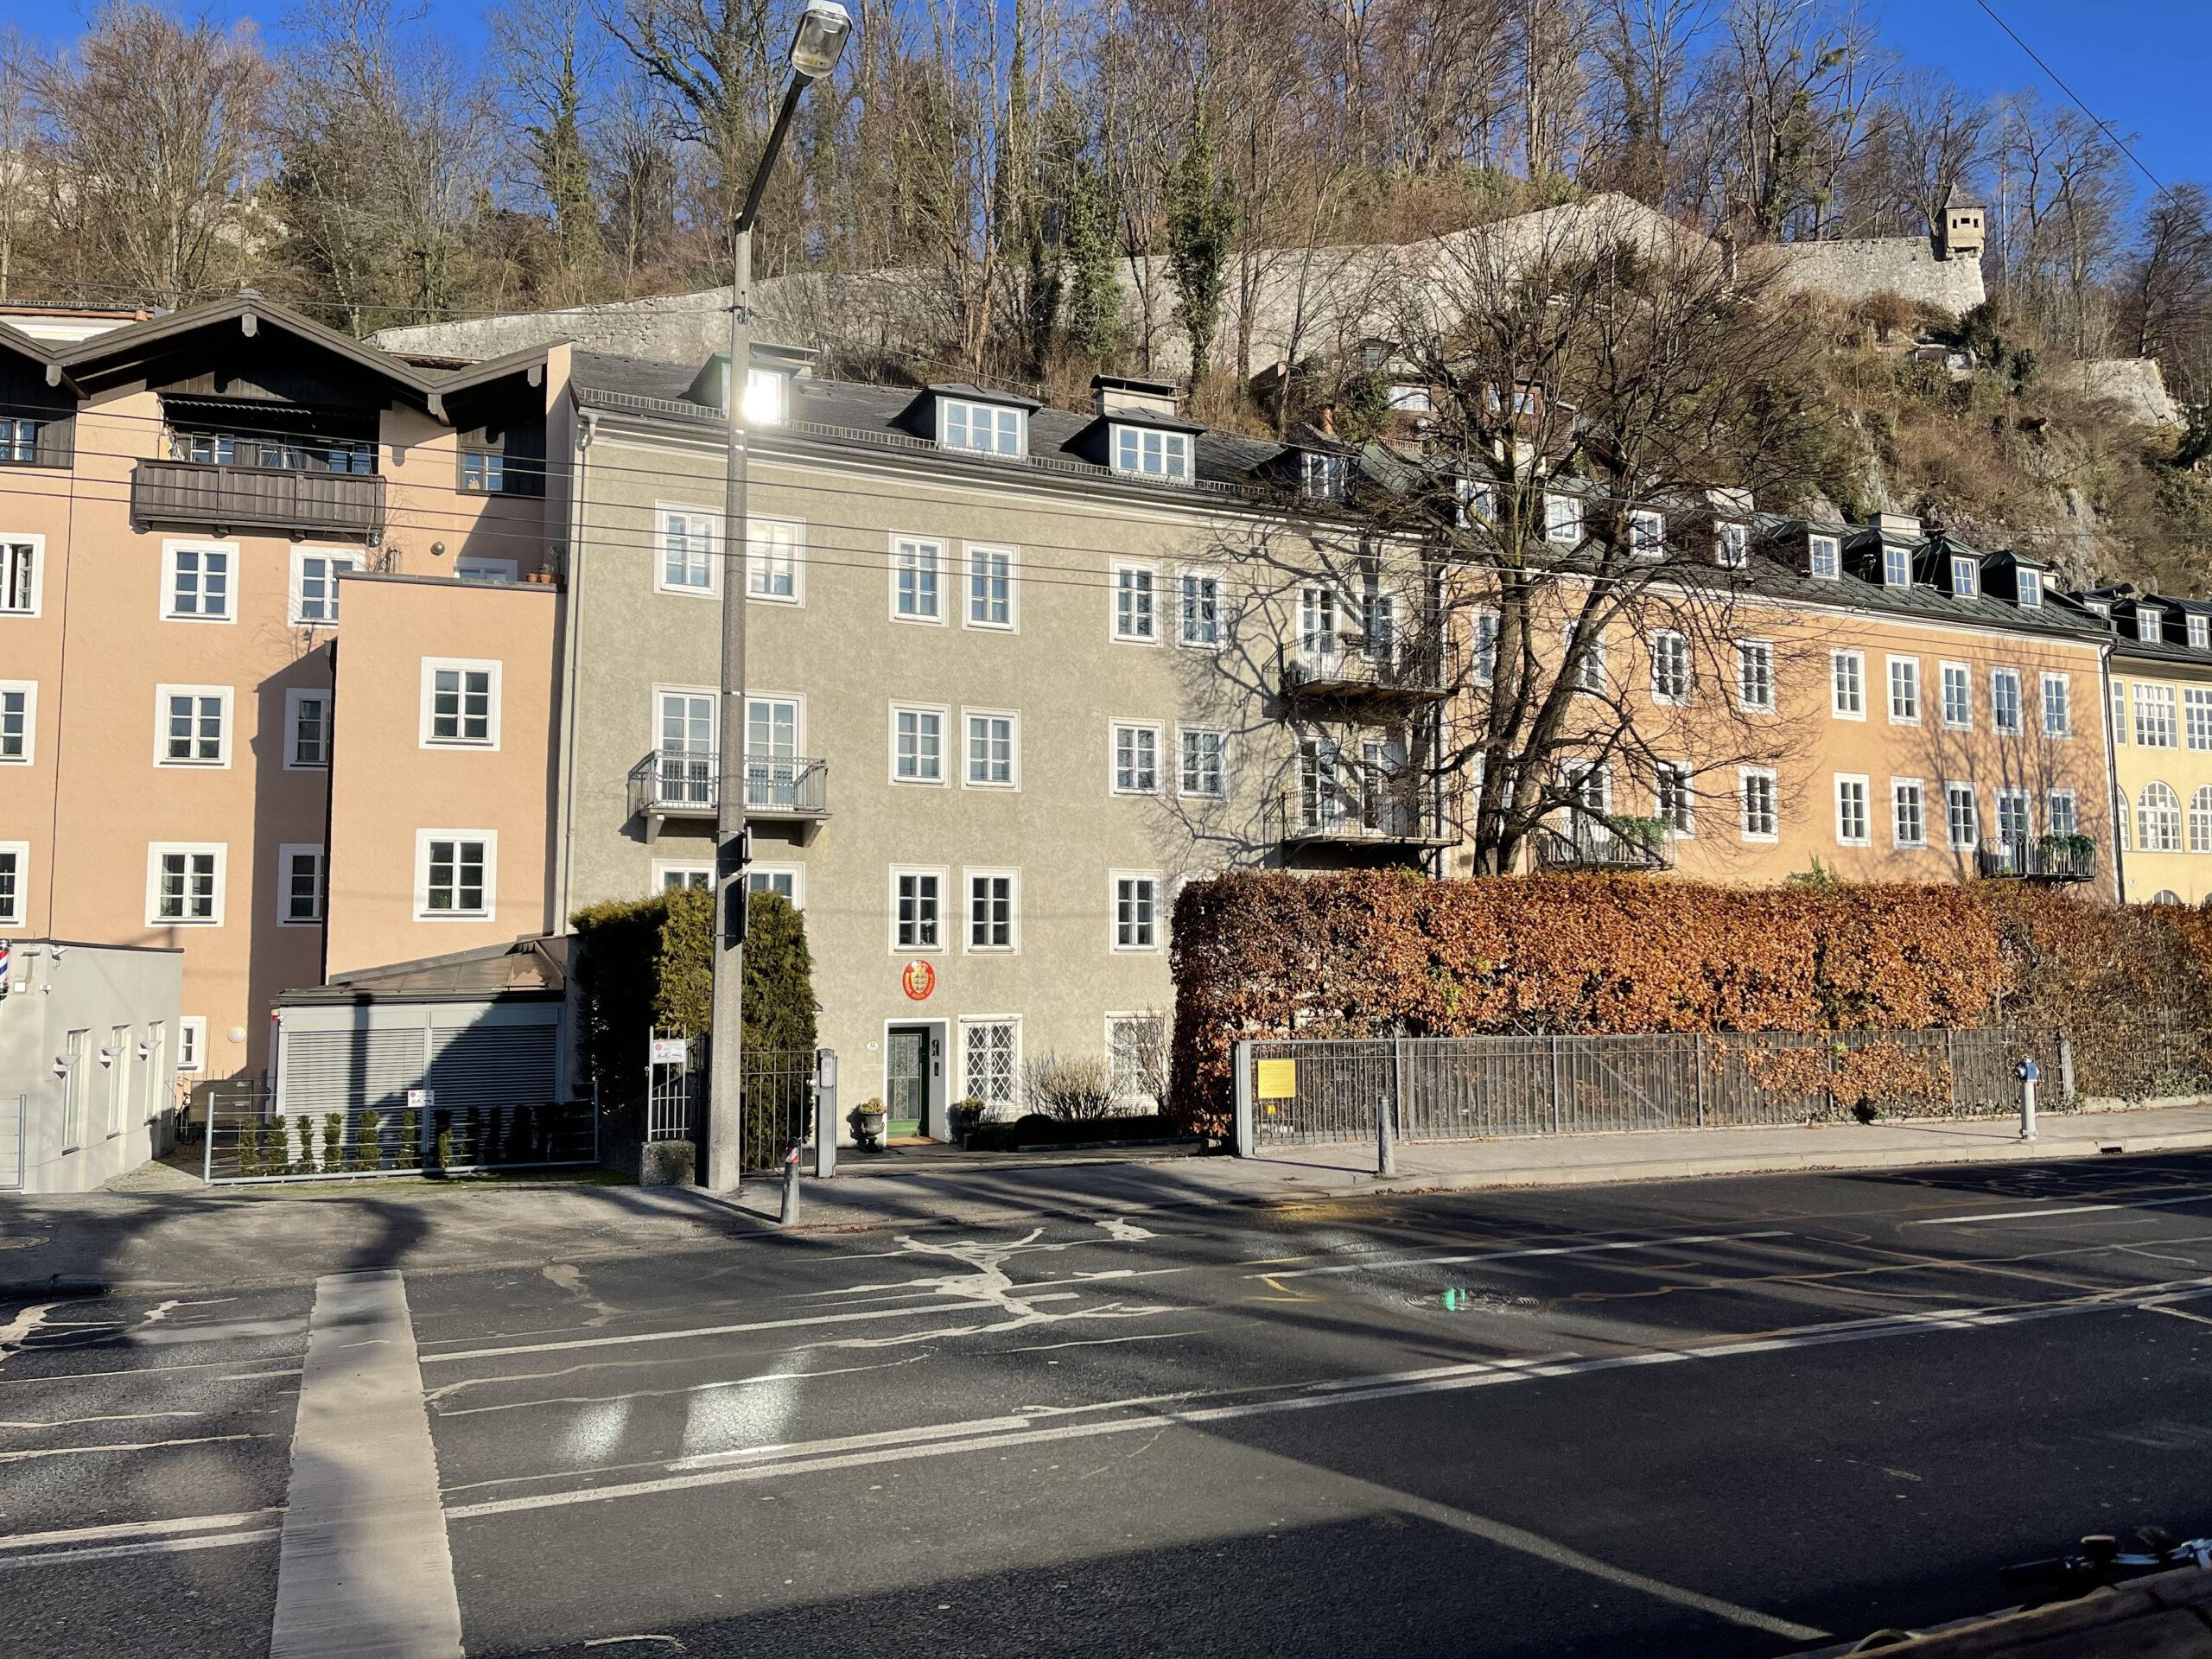 Außenansicht der Häuserzeile um die Kanzler Dyck & Monticelli herum. Die Kanzlei liegt direkt an der Salzach.